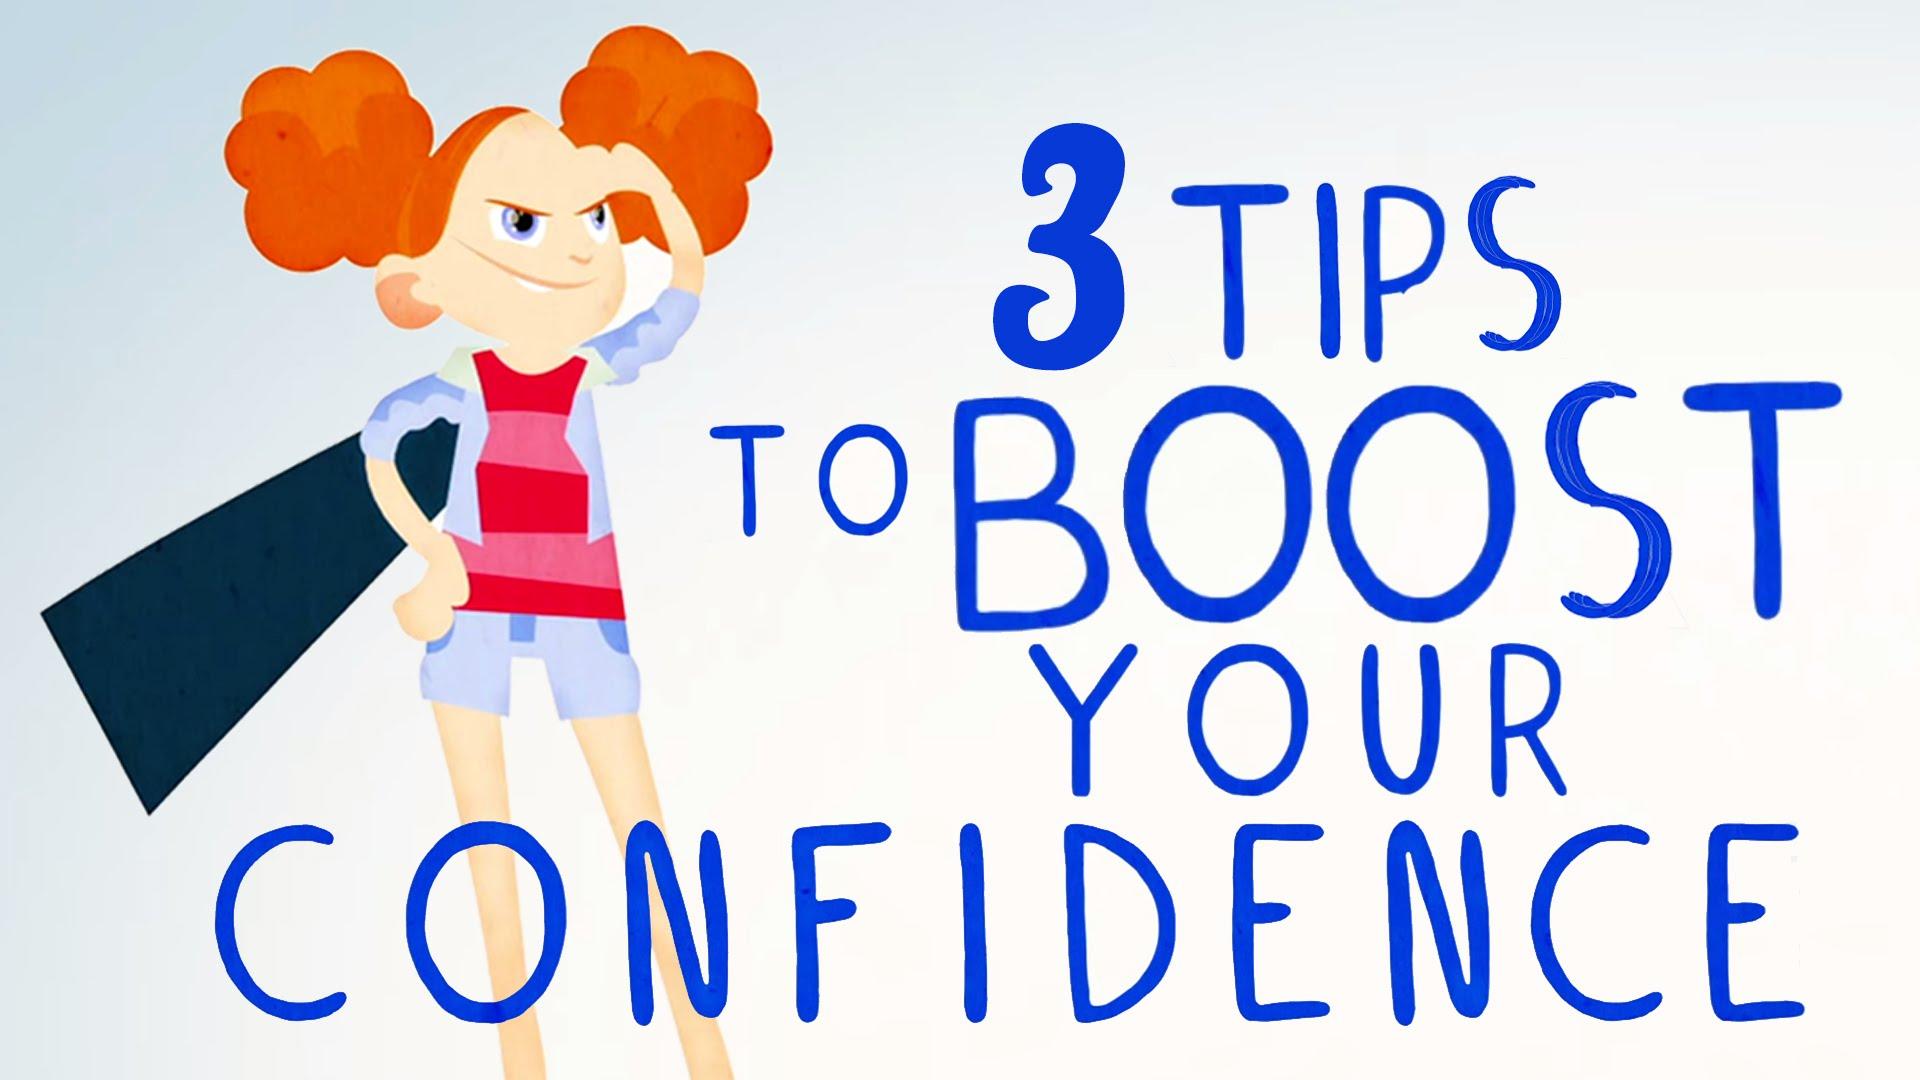 「『自信』是邁向成功的關鍵!三招培養你的信心」- 3 Tips to Boost Your Confidence